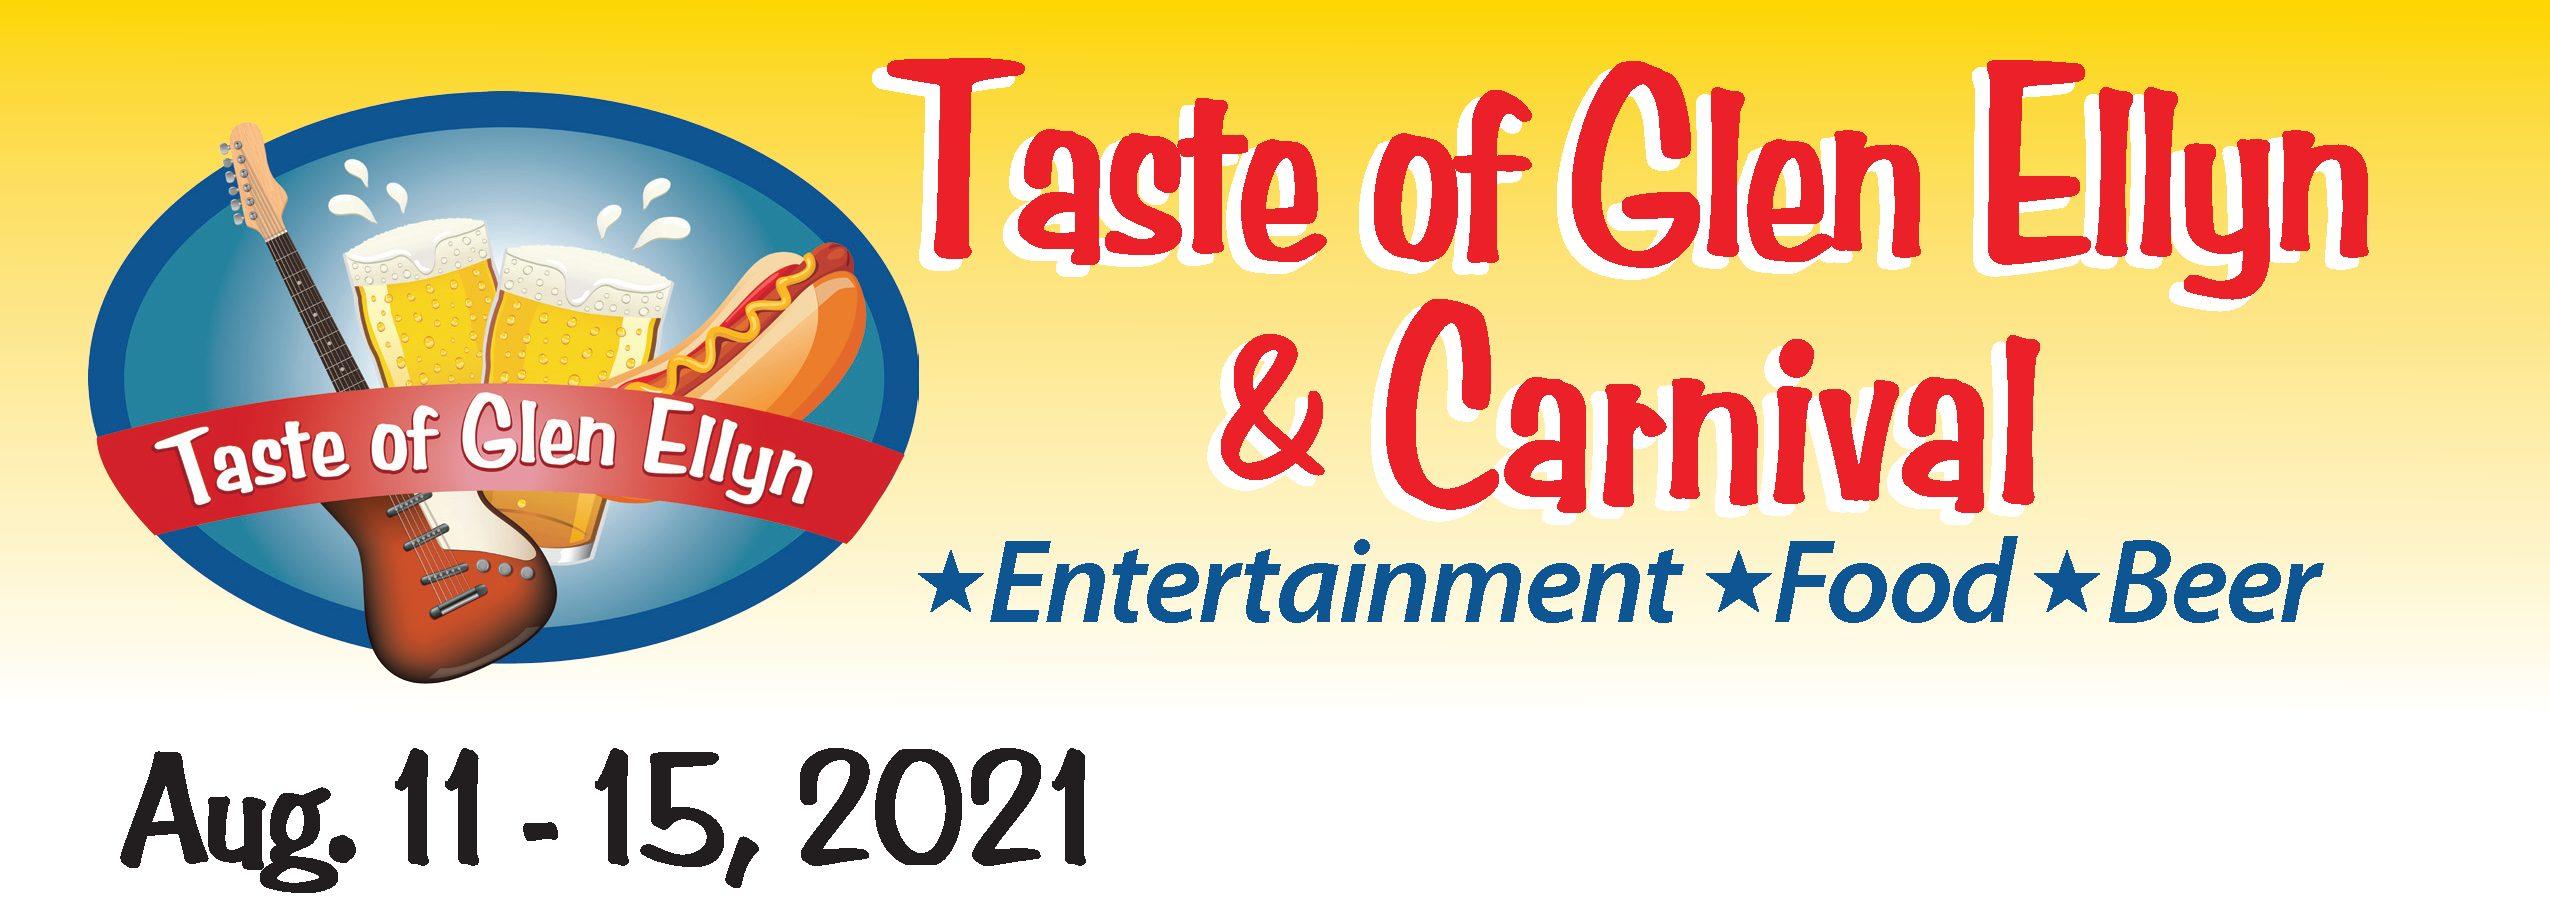 Taste2021 banner webpage